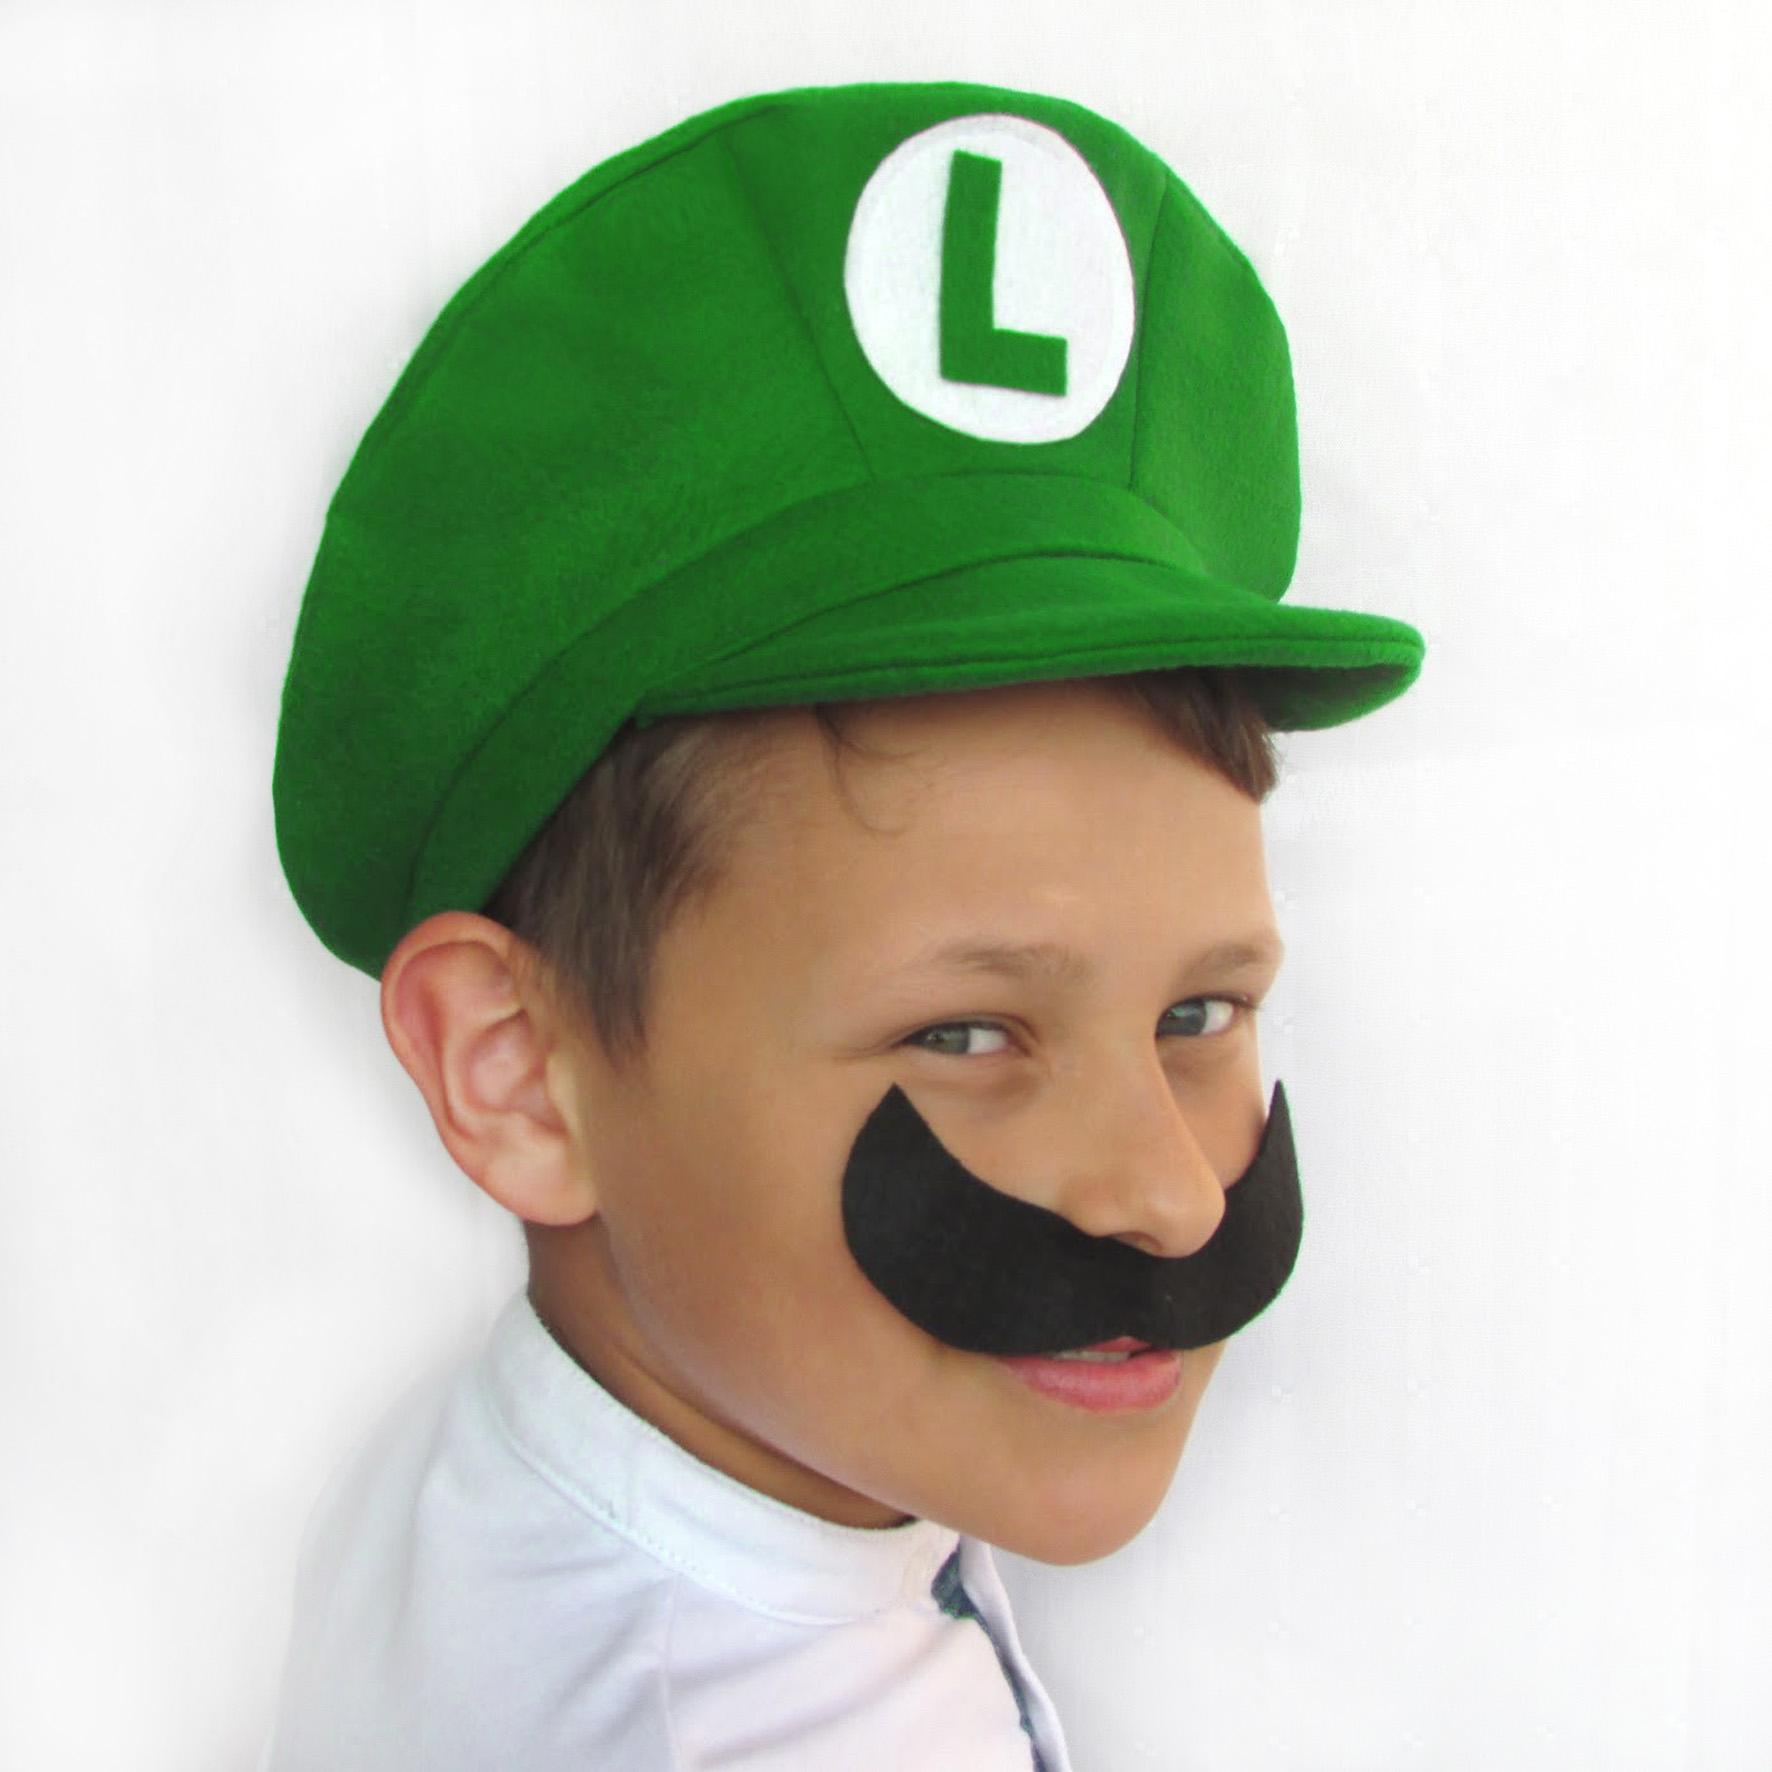 02 un. Boina   Chapéu   Boné Super Mario Bros e Luigi Feltro no Elo7 ... c1679272dd5